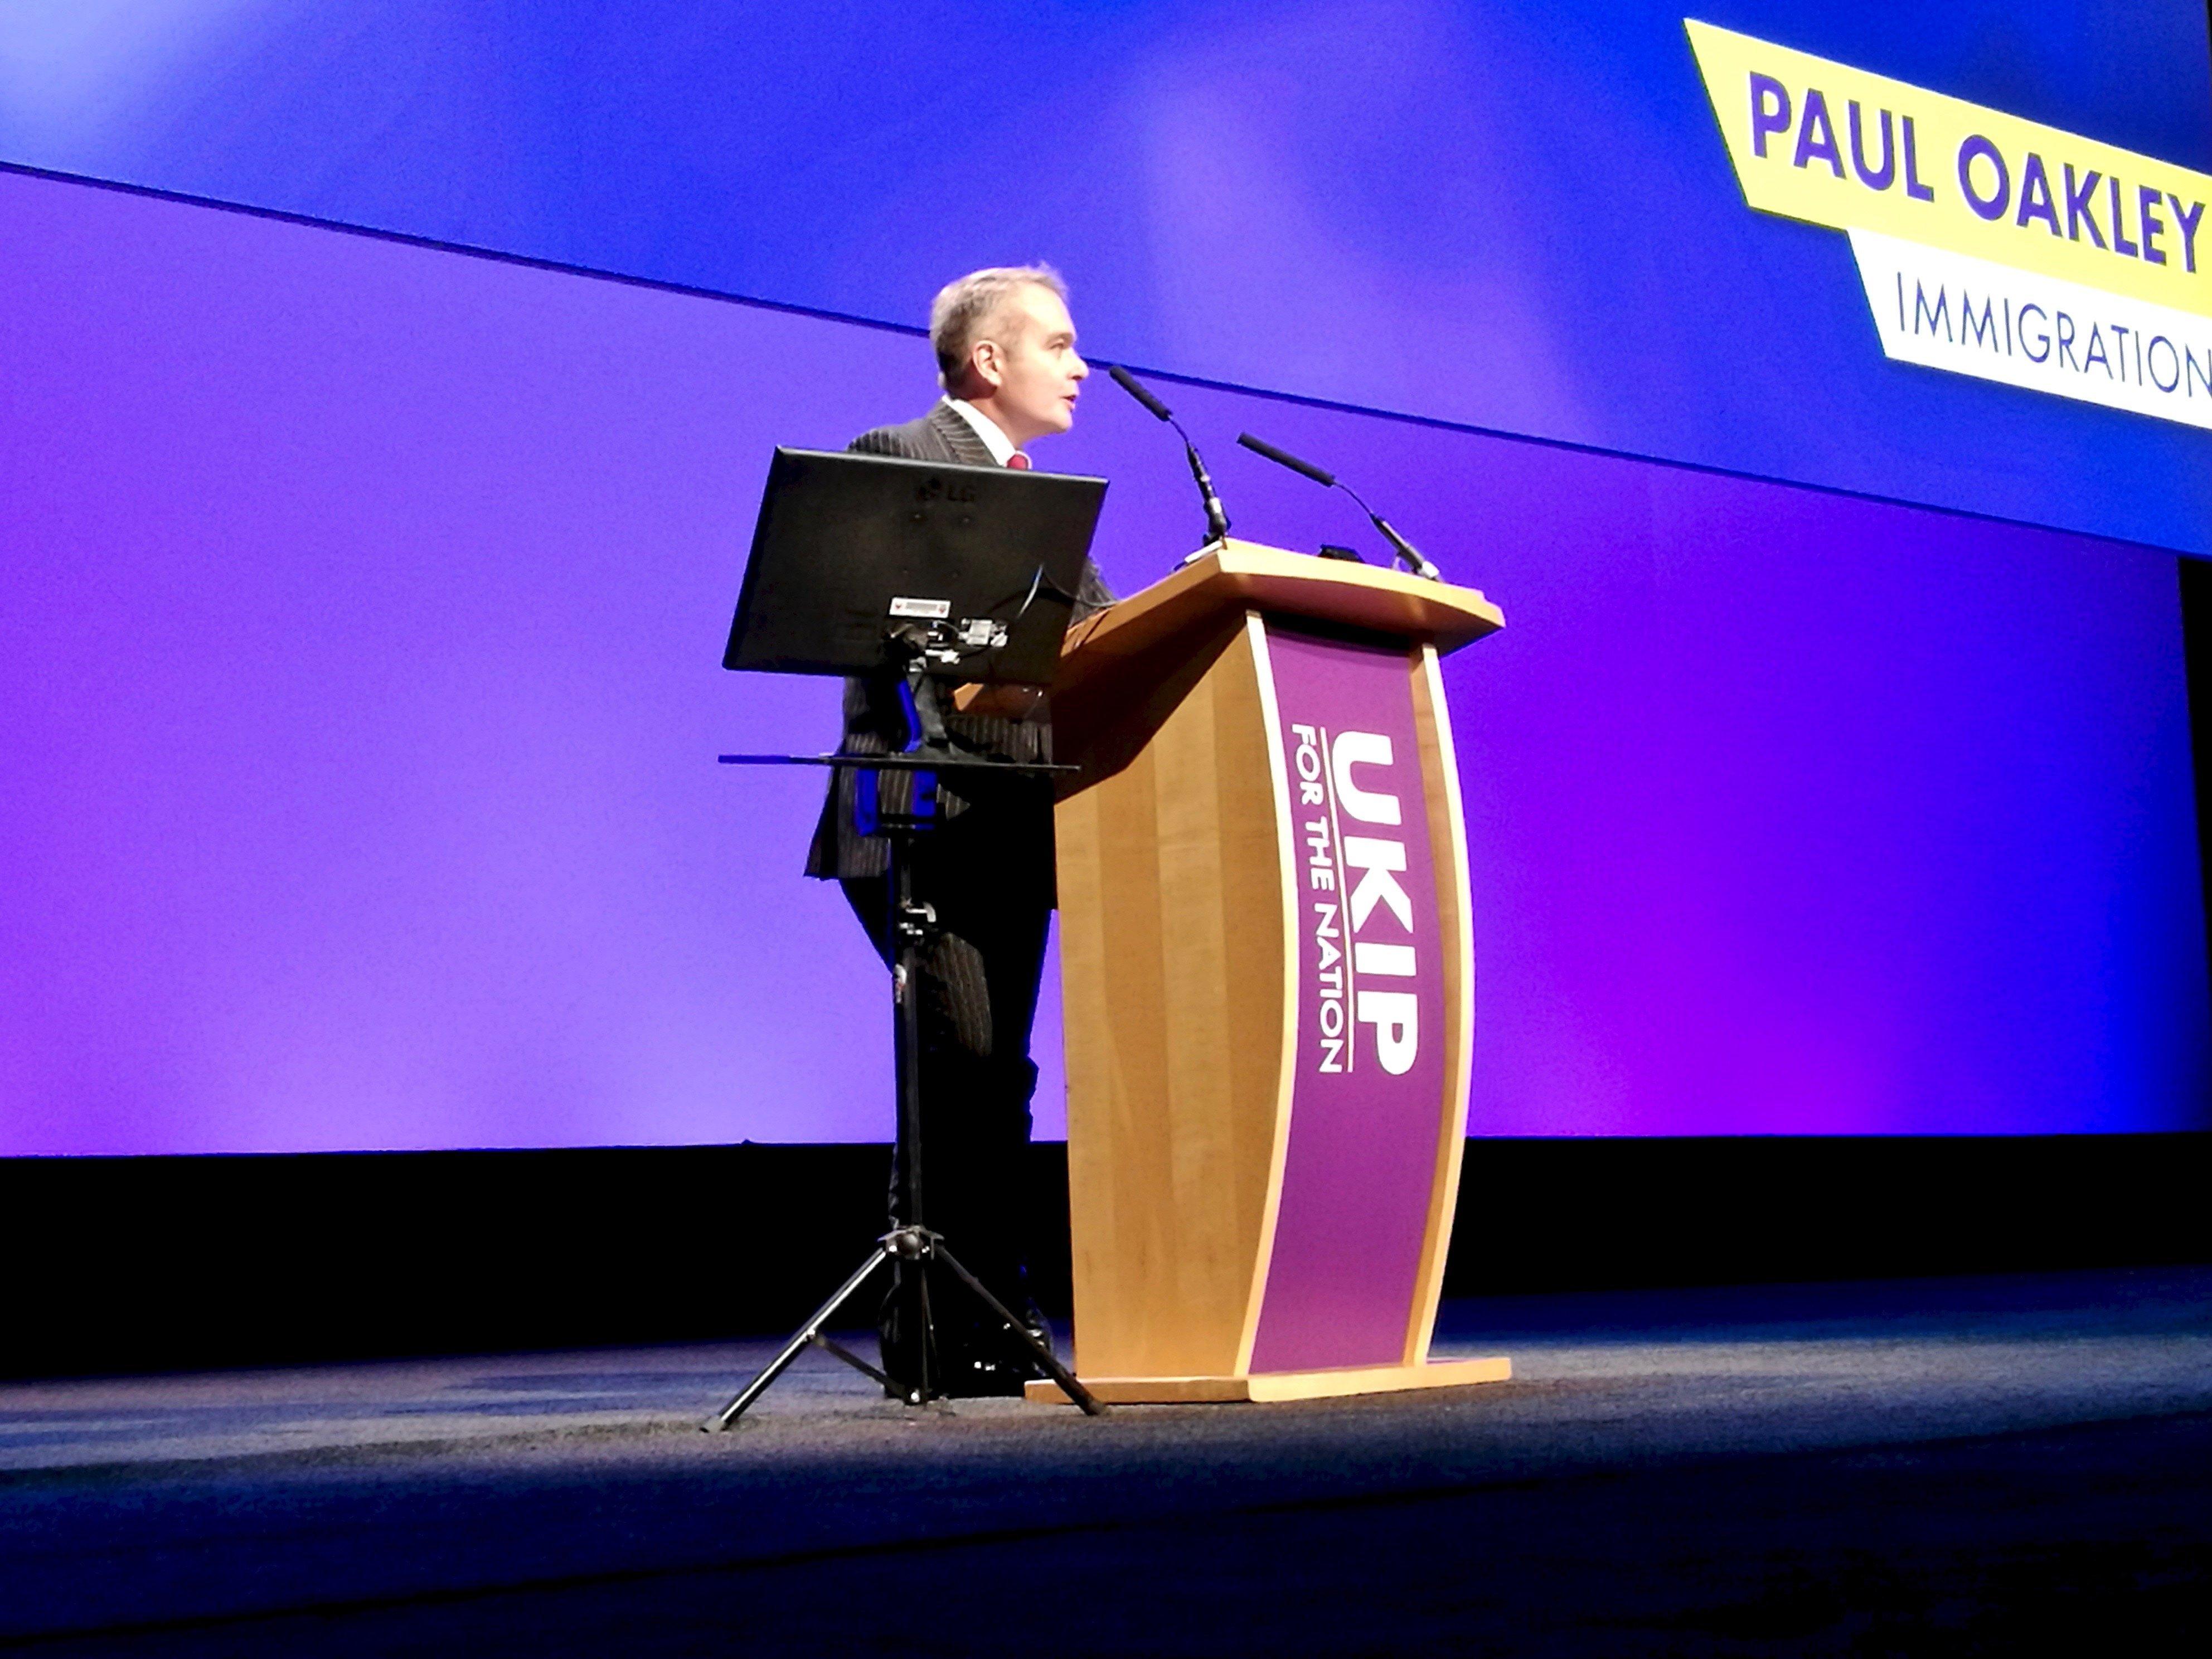 Paul Oakley fala sobre a nova política de imigração do UKIP na Conferência UKIP de 2018 em Birmingham